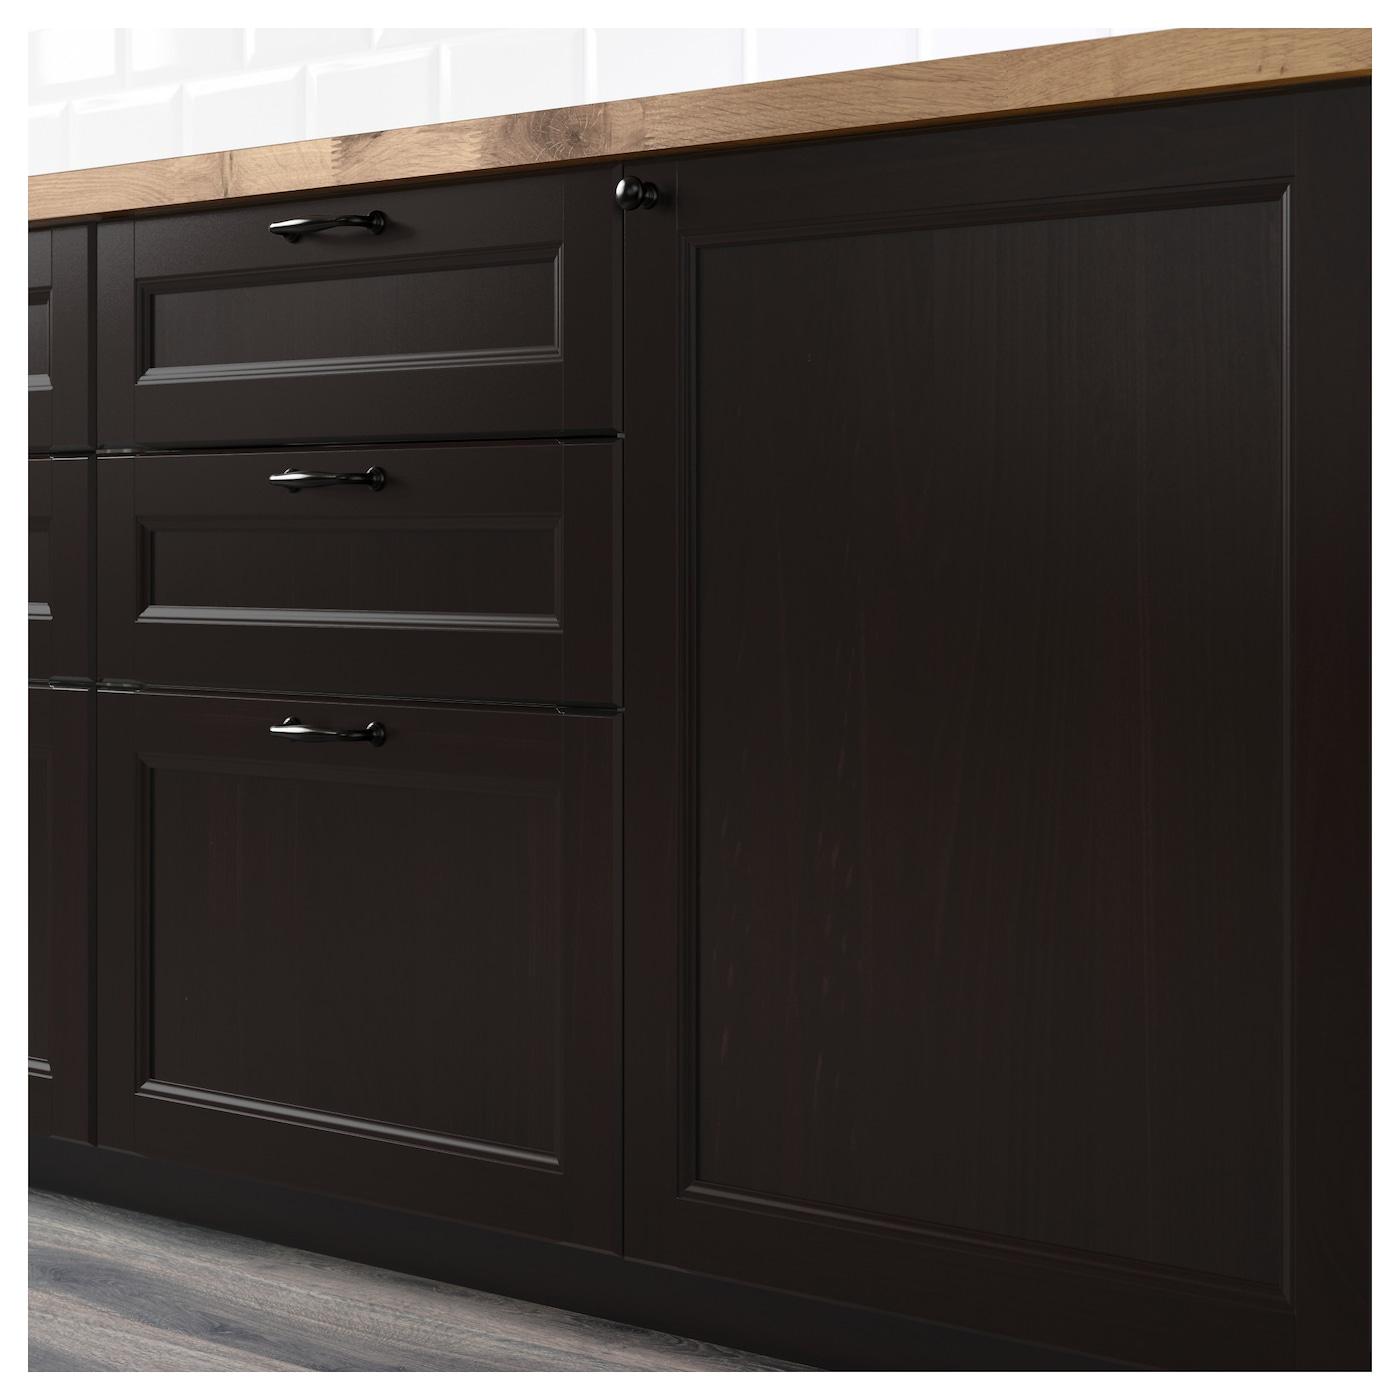 Laxarby fa ade pour lave vaisselle brun noir 45x80 cm ikea for Facade lave vaisselle encastrable